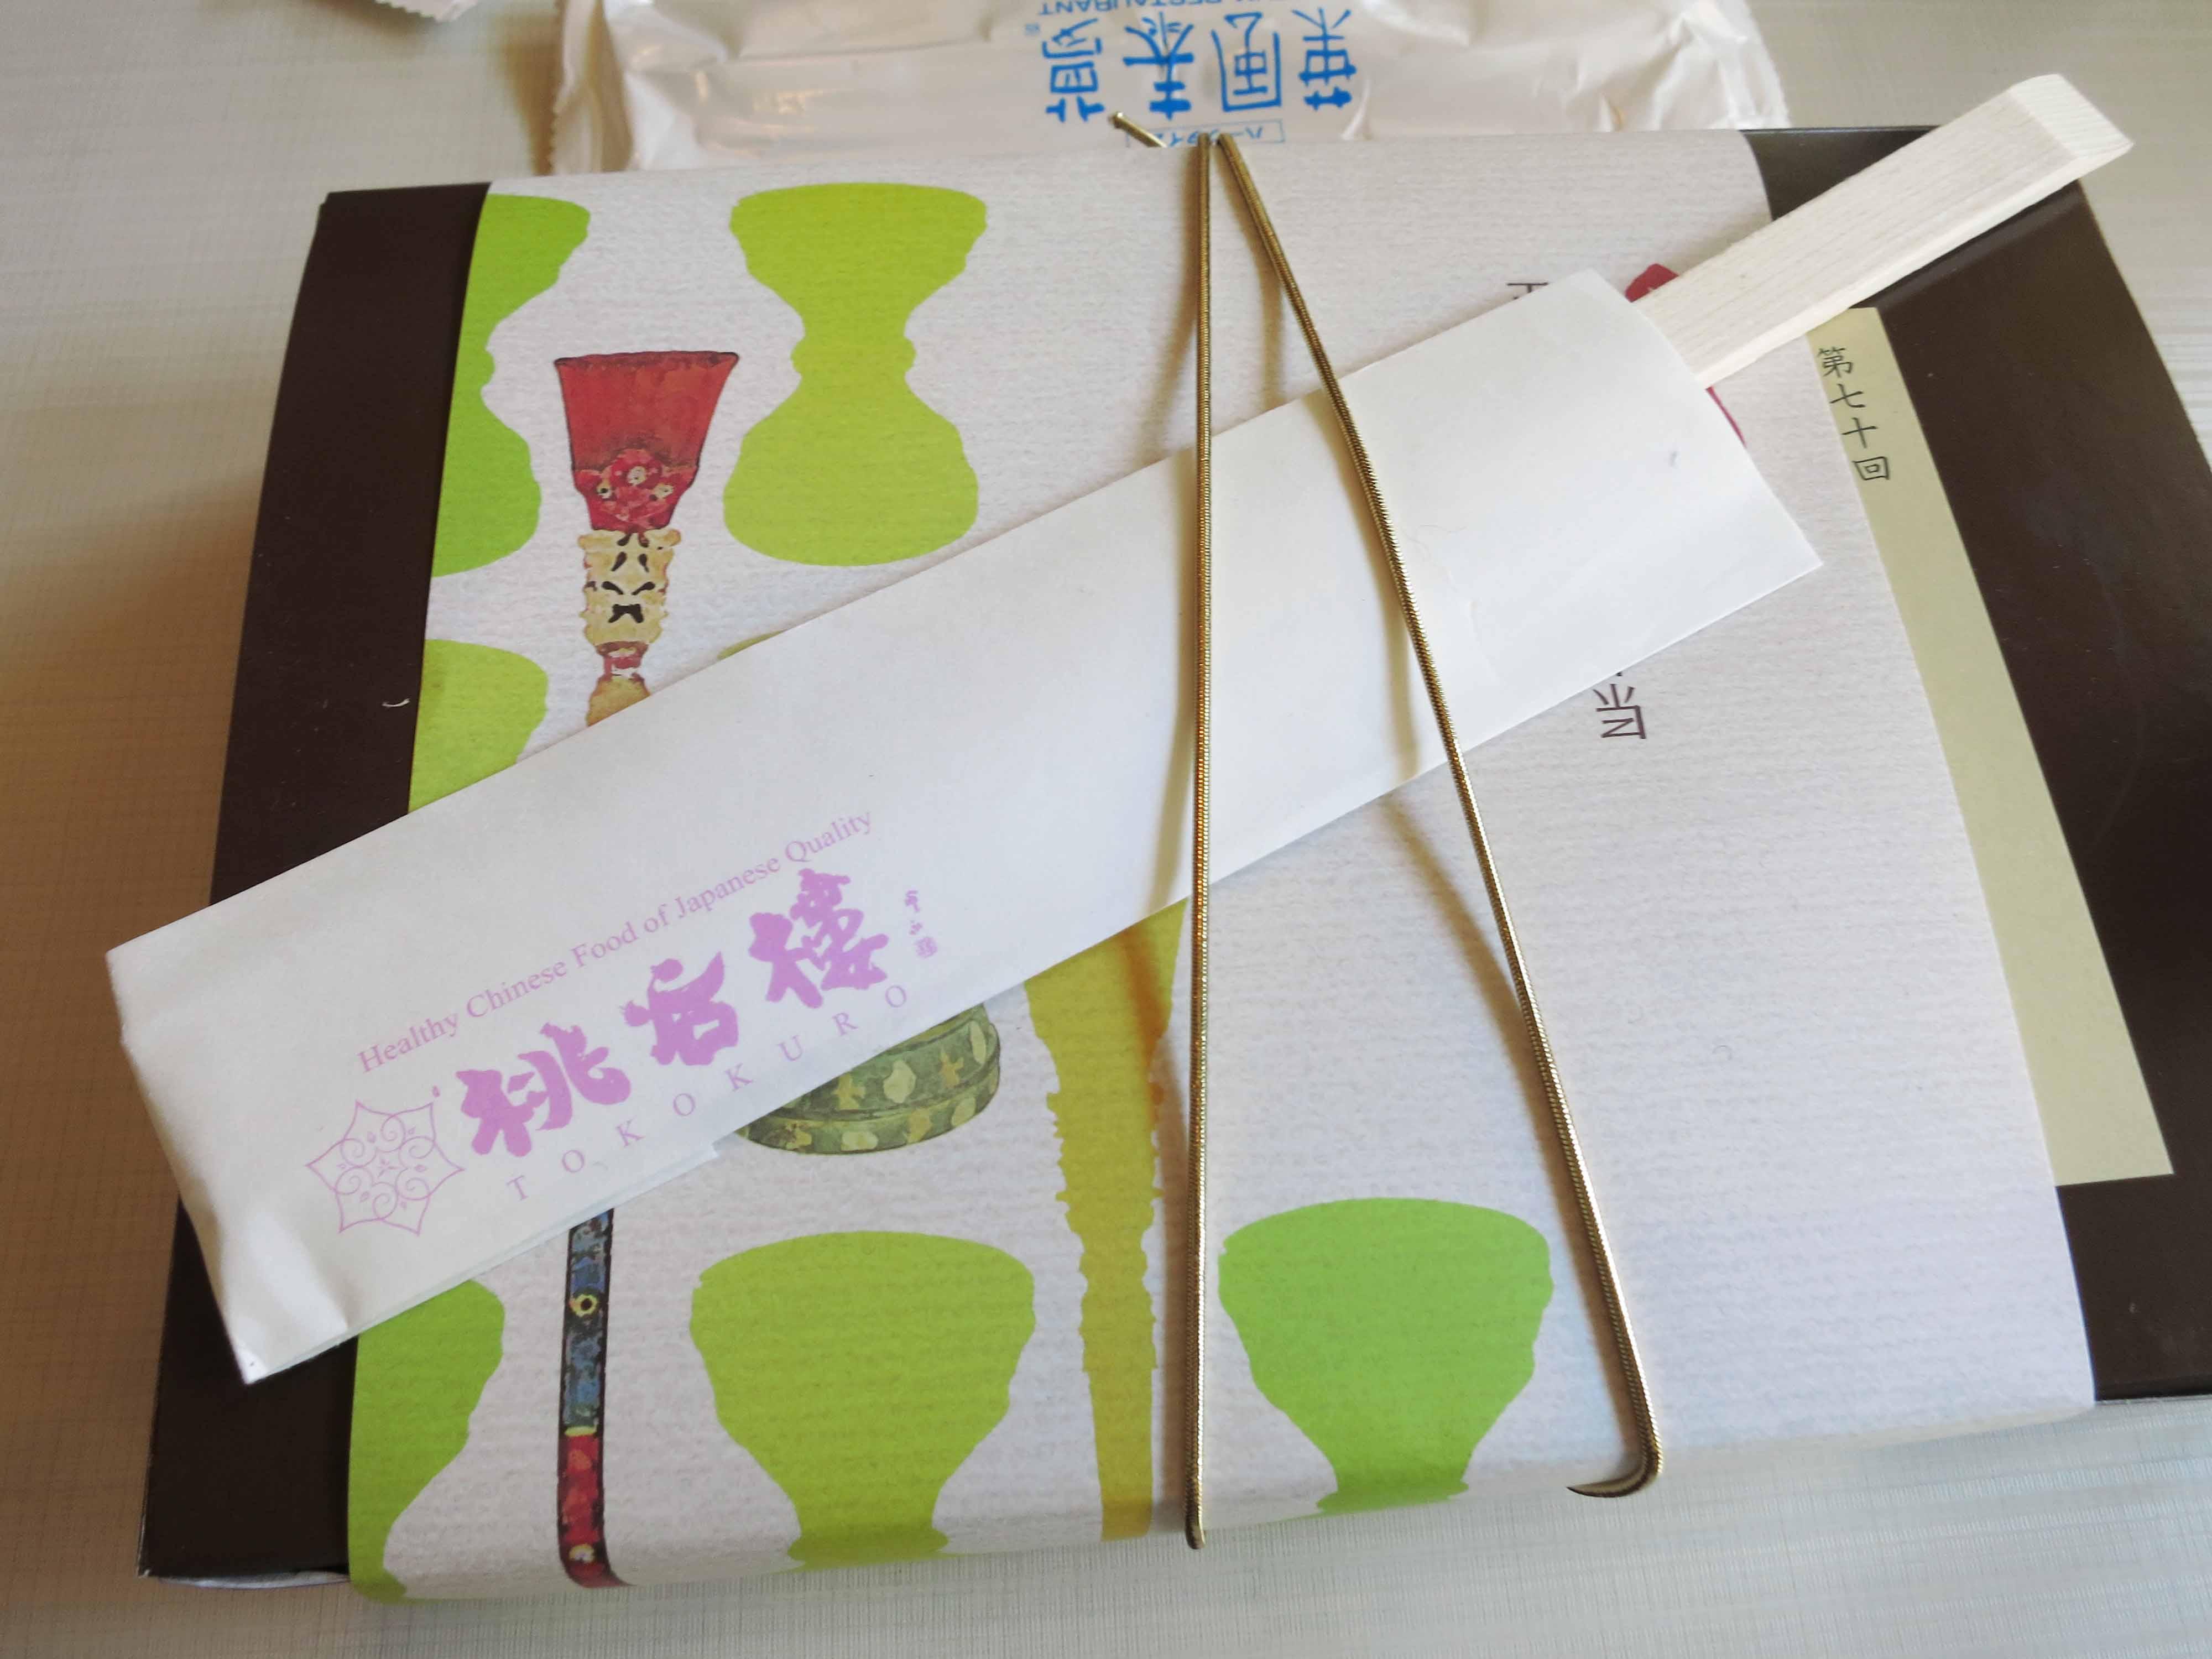 購入したお弁当(1200円)は、ナチュラル&ヘルシーな中国料理店として有名な桃谷楼のもの。